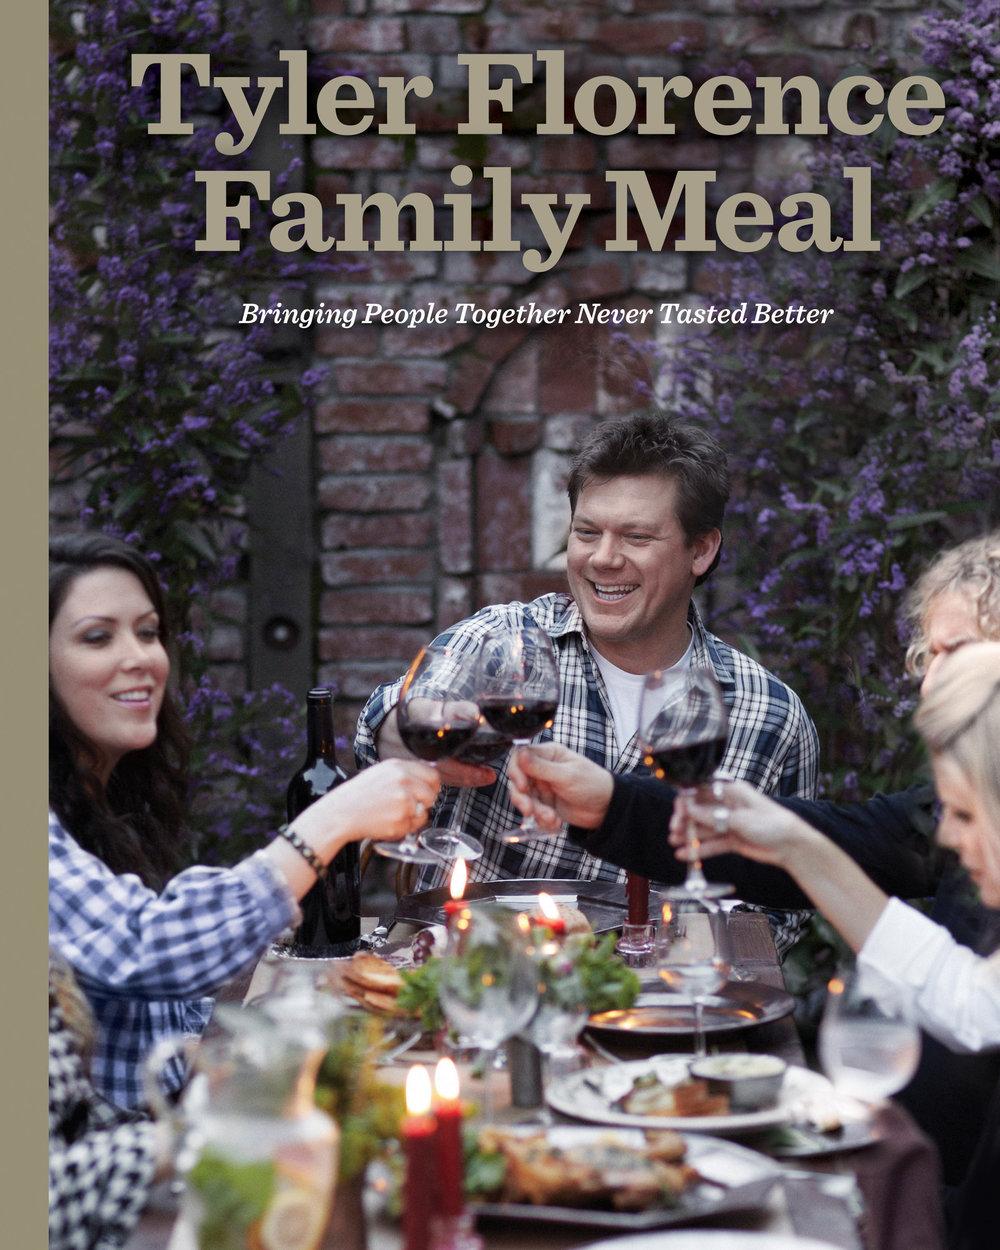 Rodale - Family Meal - Tyler Florence.jpg